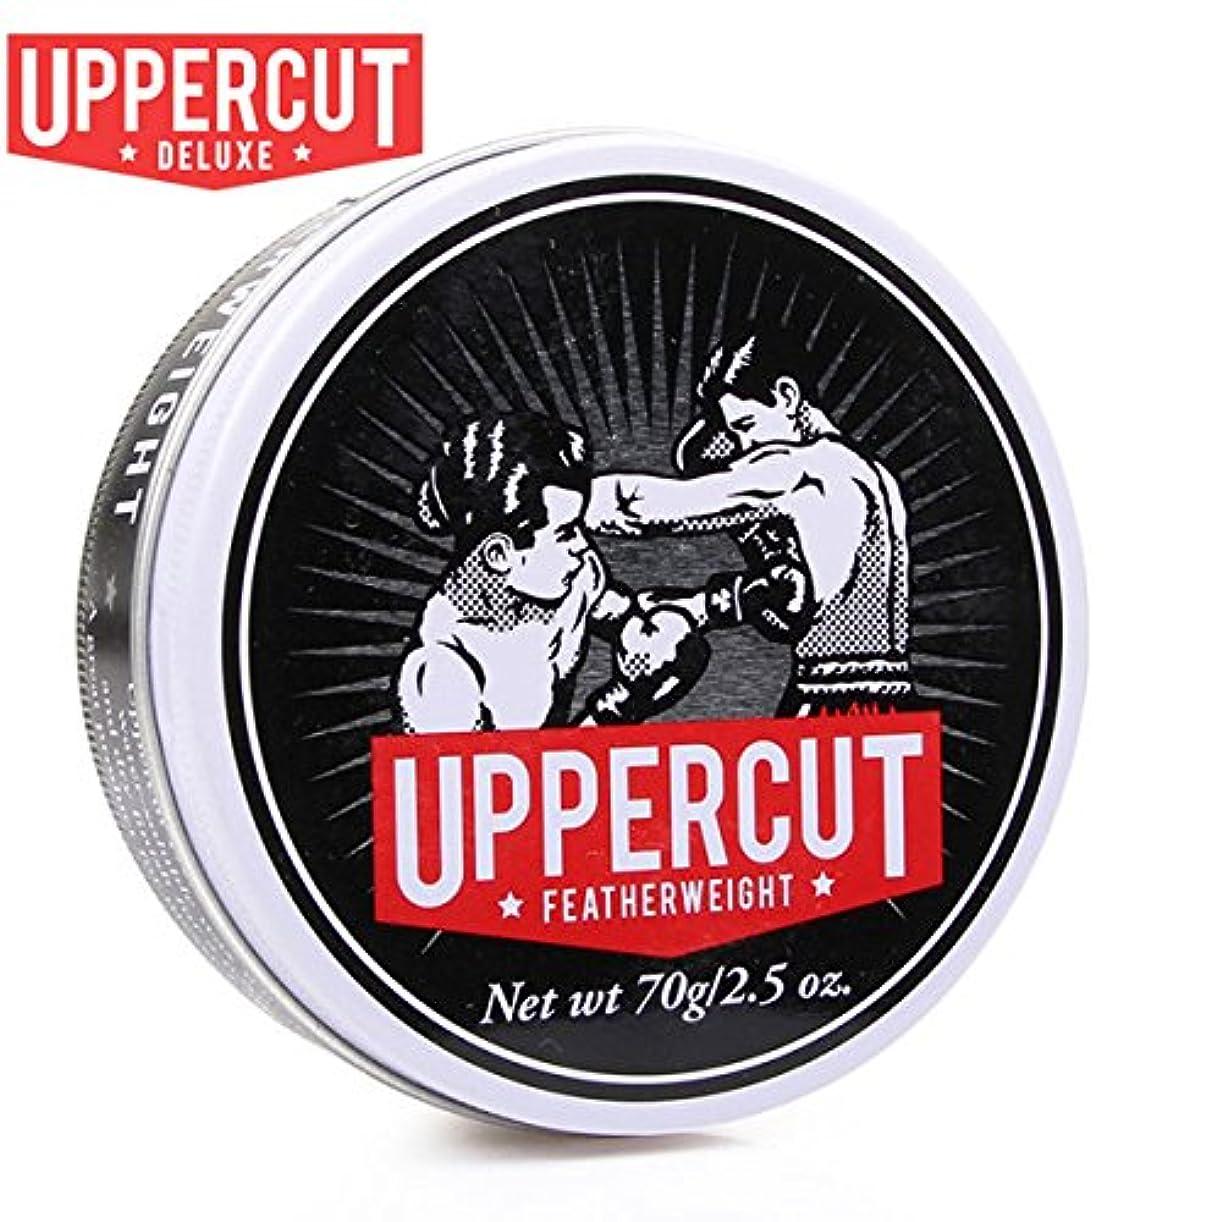 和解する廃止斧【Uppercut Deluxe Pomade】 アッパーカットデラックスポマード 【Featherweight Pomade】 水性ポマード 2.5oz(約70G)